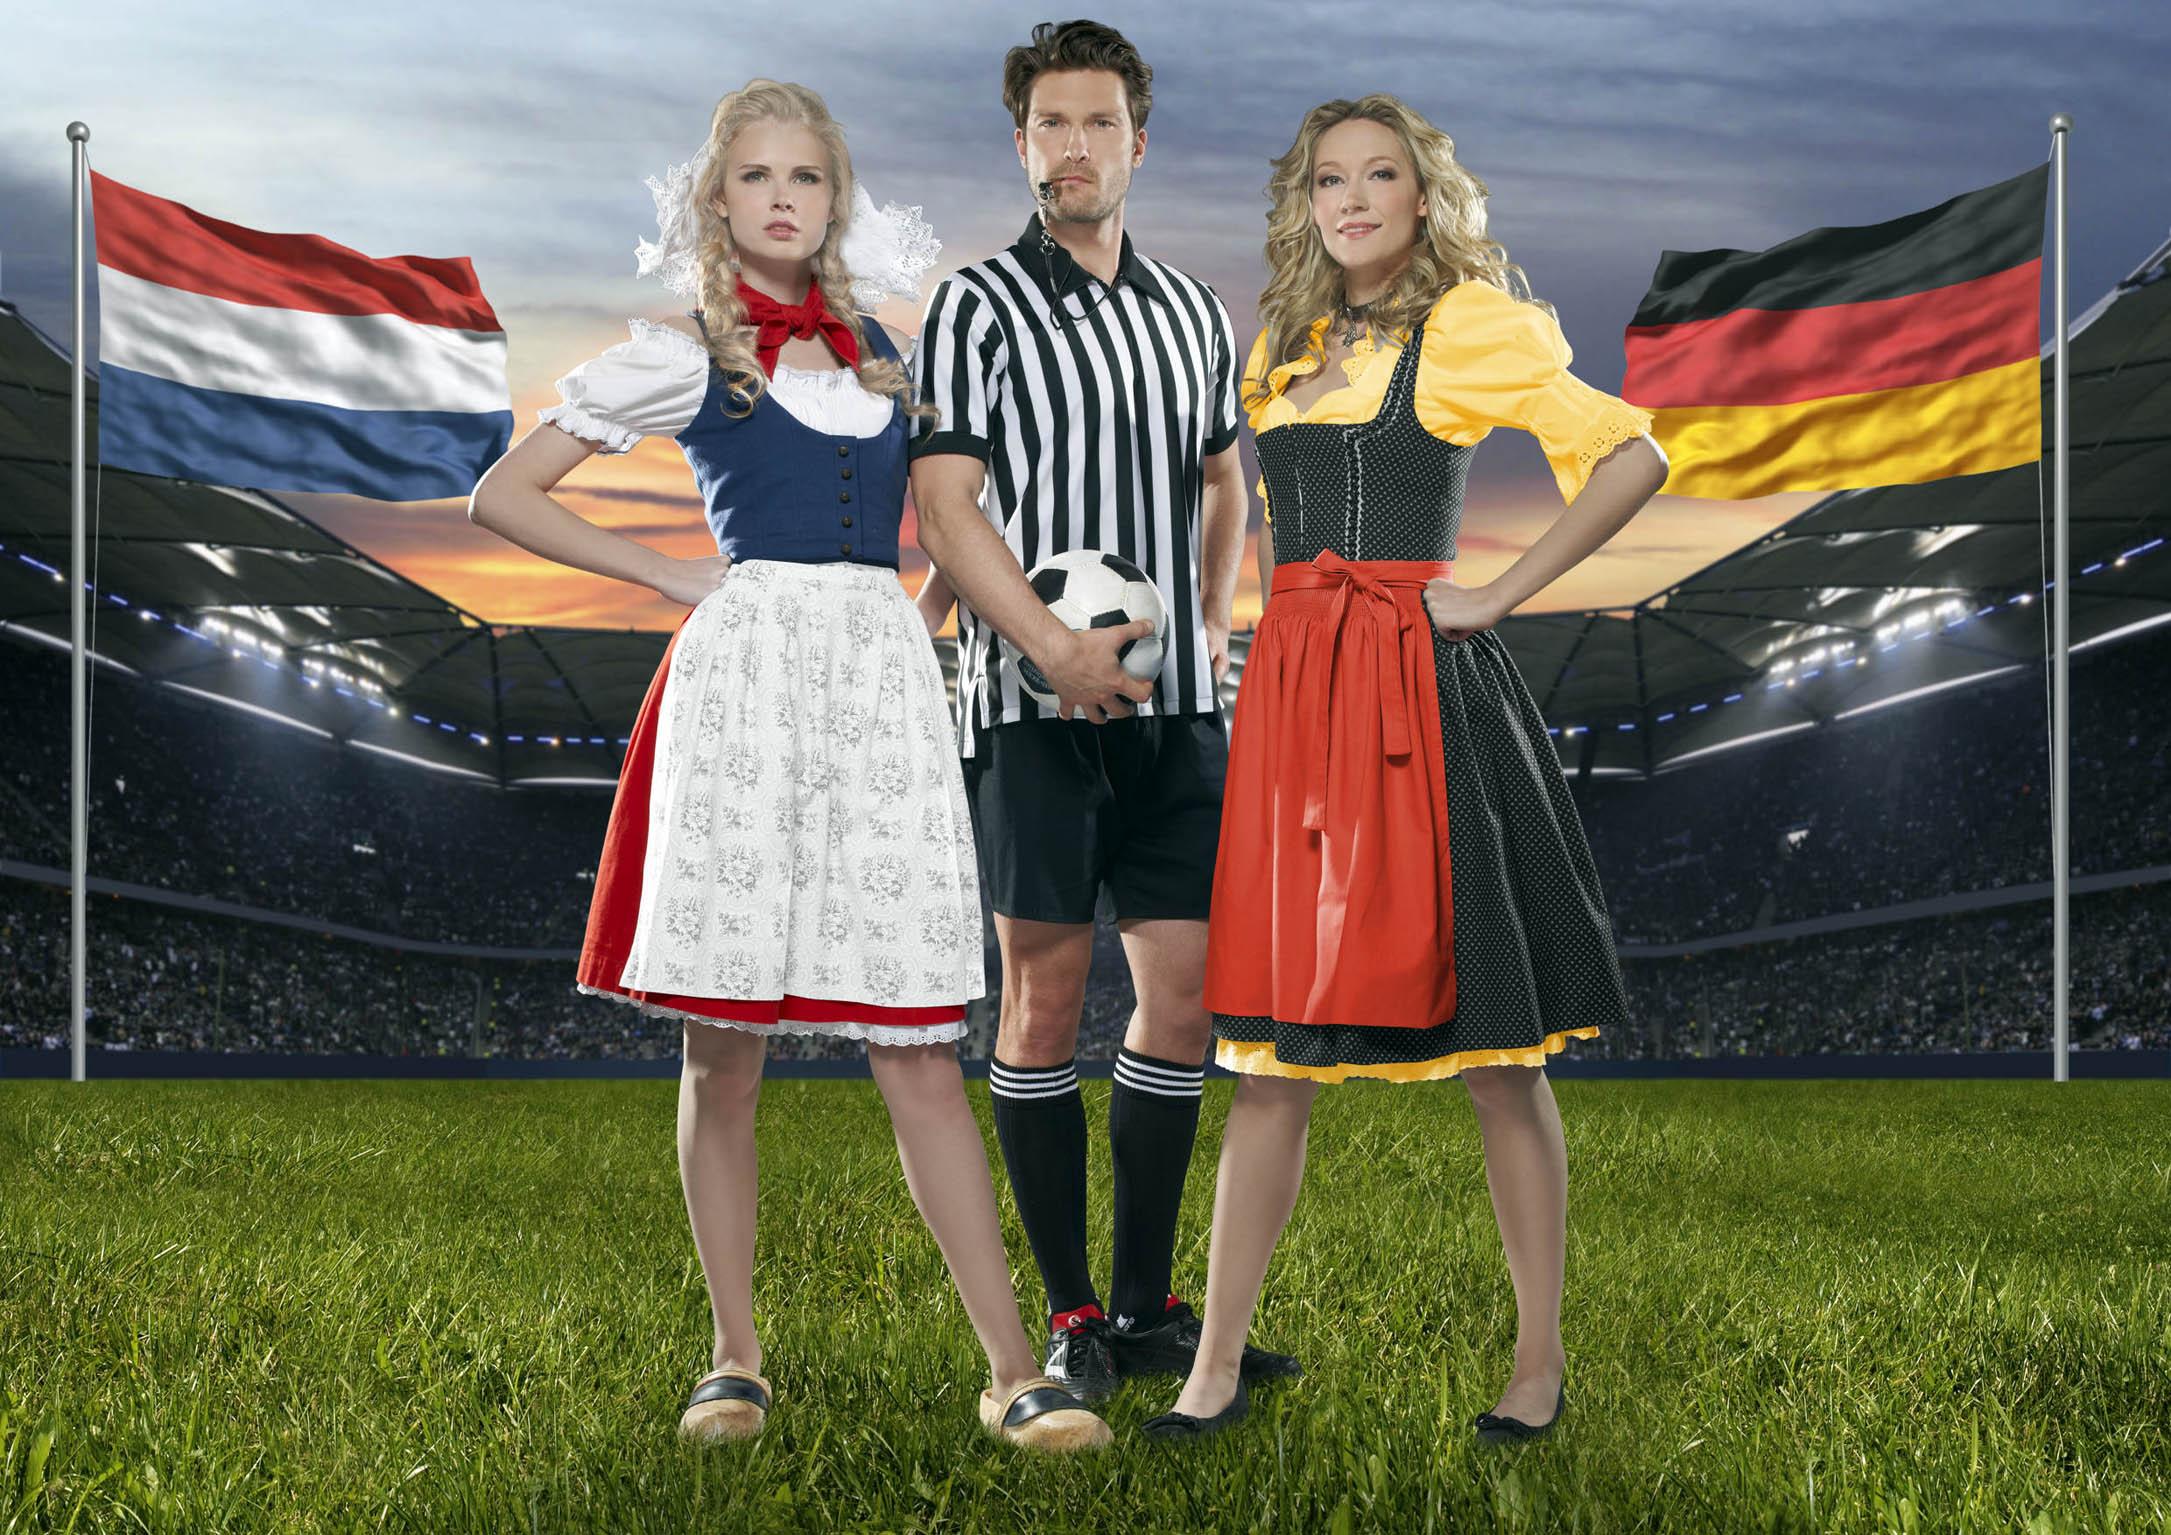 deutschland gegen holland das gro e duell live in sat 1 pressemitteilung sat 1. Black Bedroom Furniture Sets. Home Design Ideas